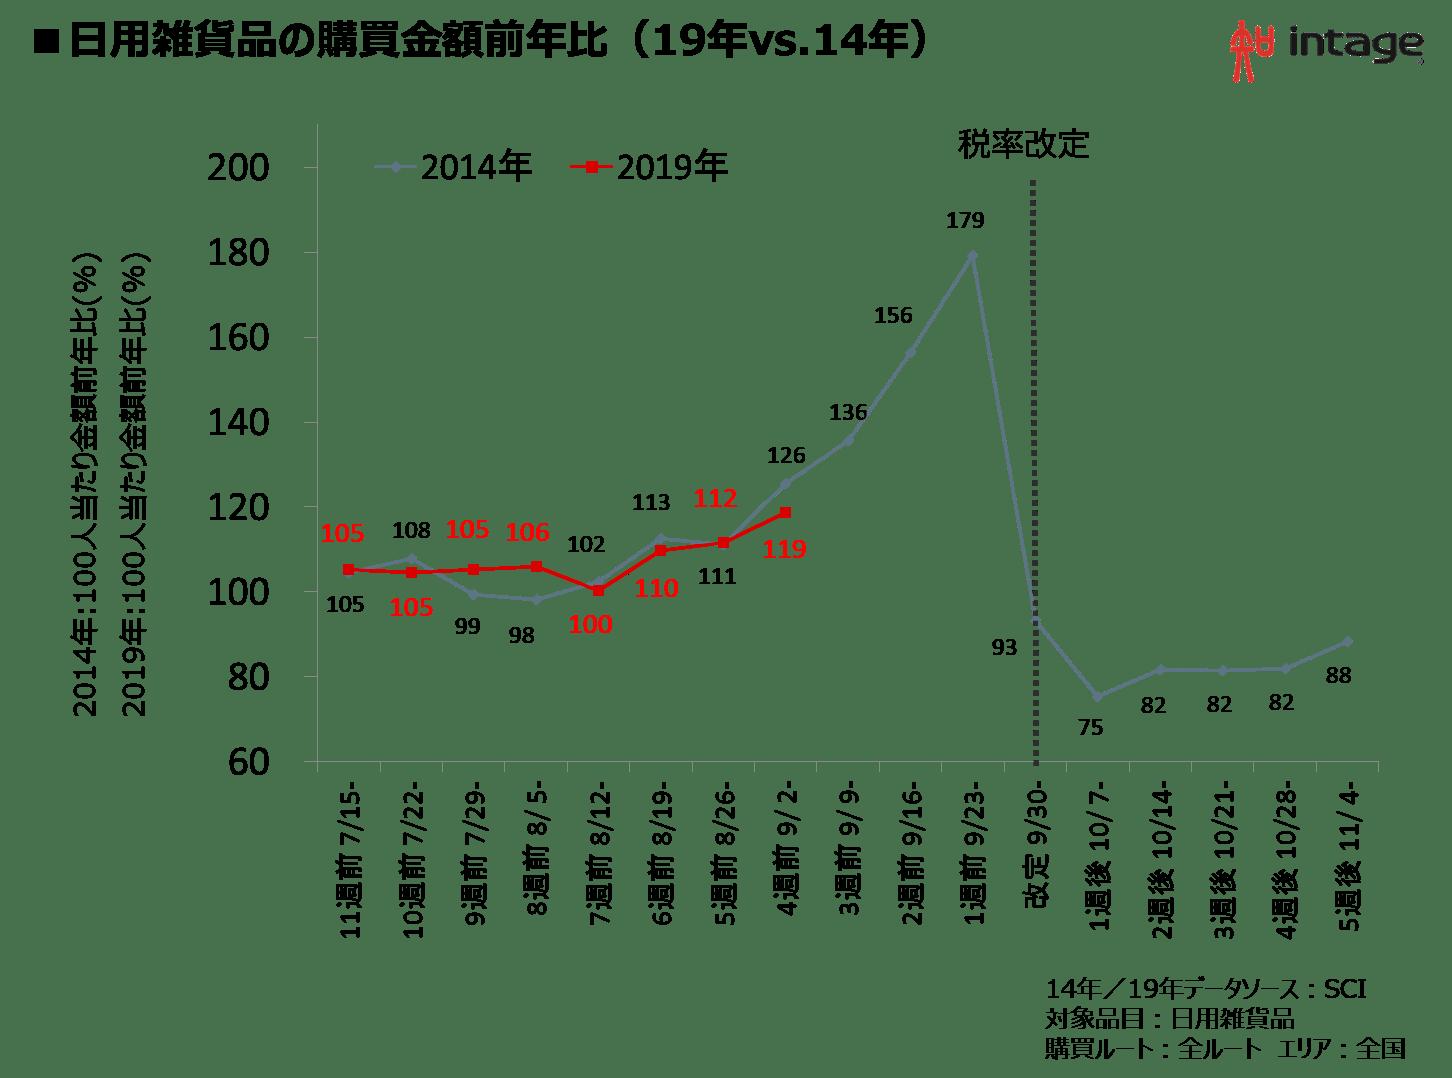 日用雑貨品の購買金額前年比(19年vs.14年)